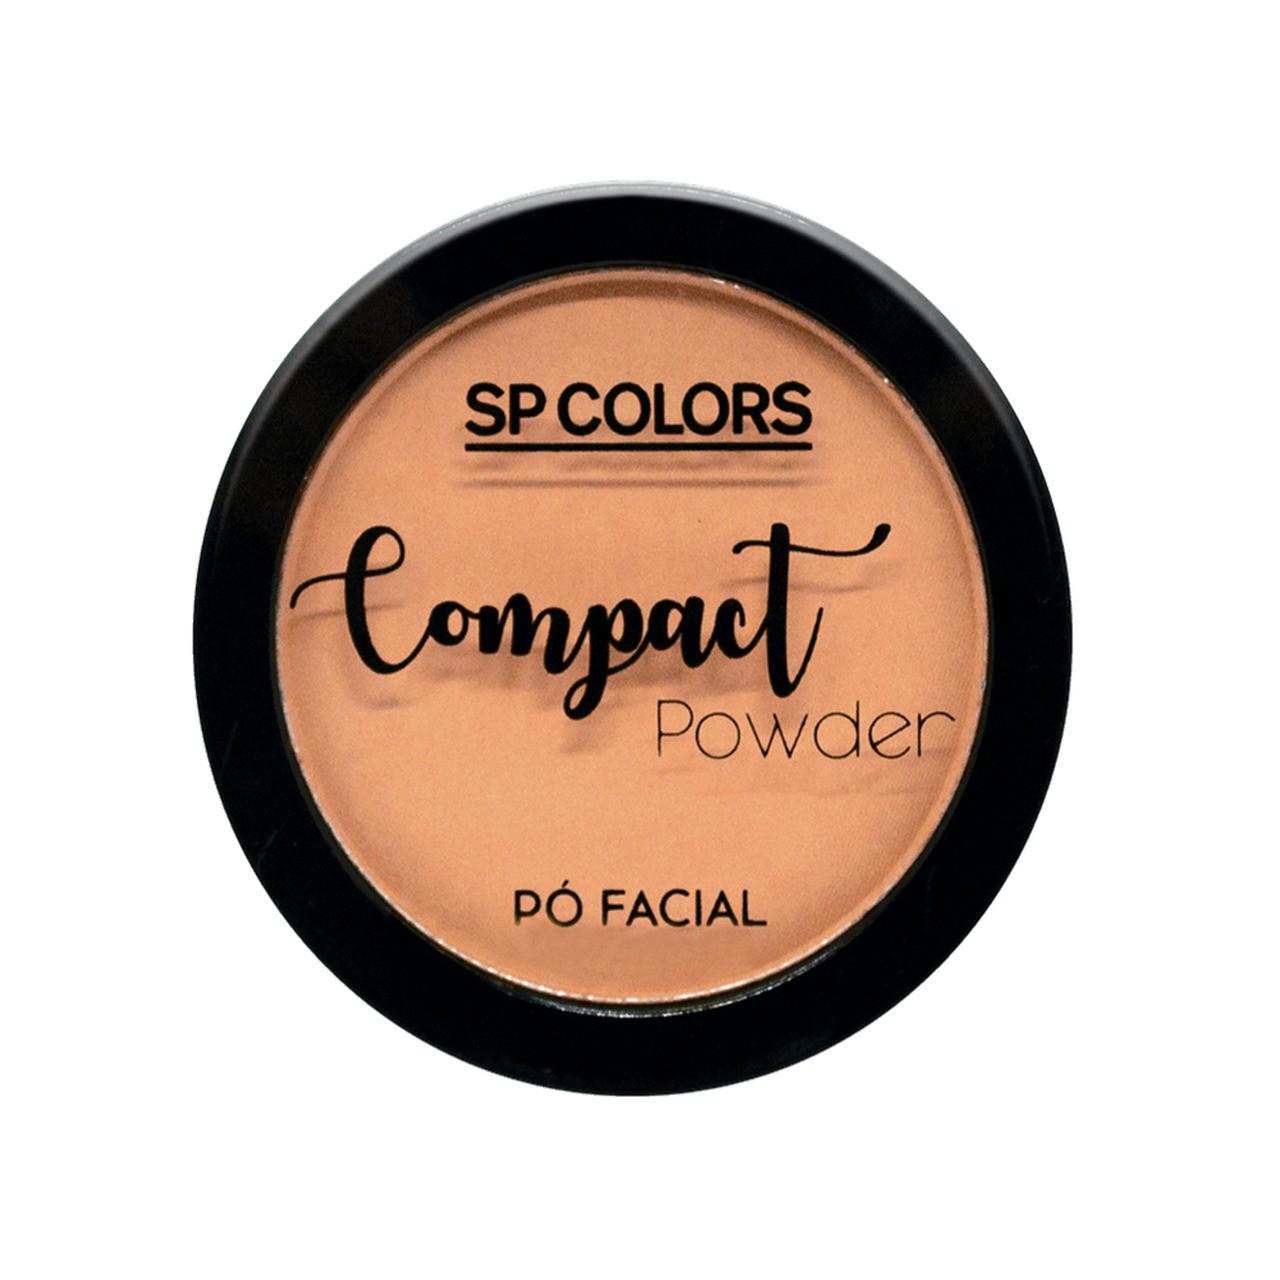 Pó compacto Facial SP Colors Compact Powder